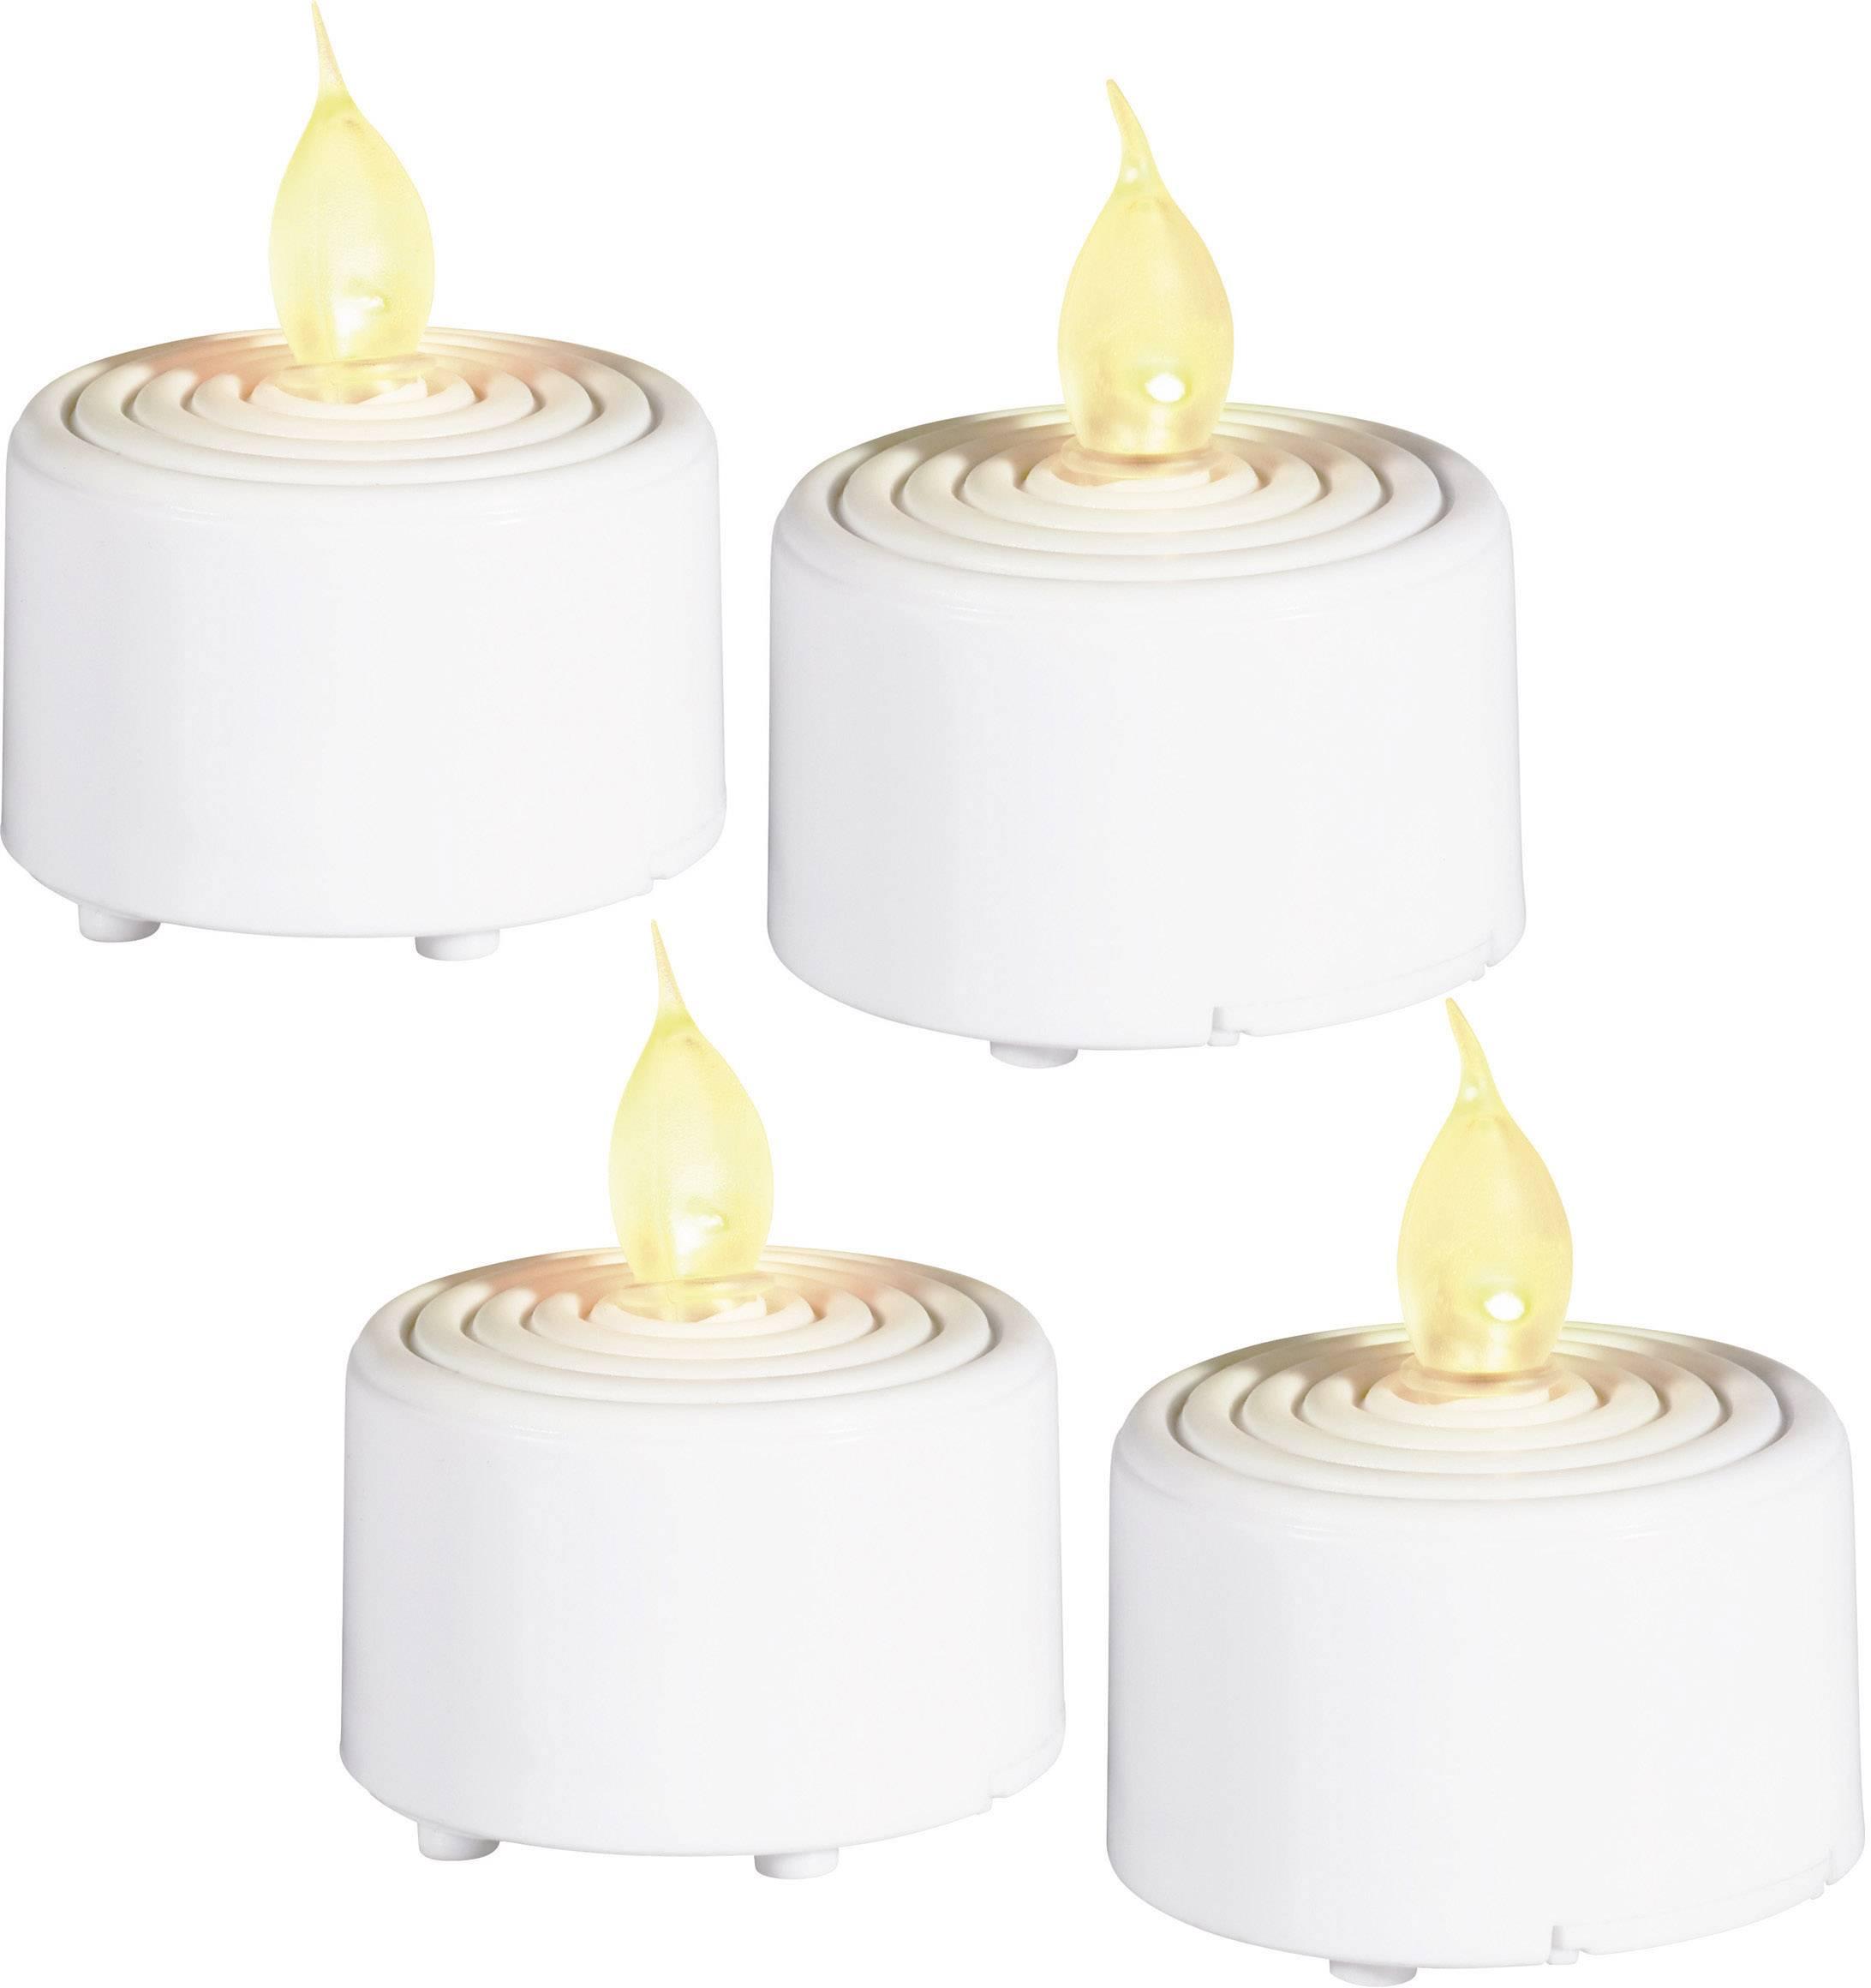 LED čajové sviečky Grundig 06178, sada 4 ks, biela